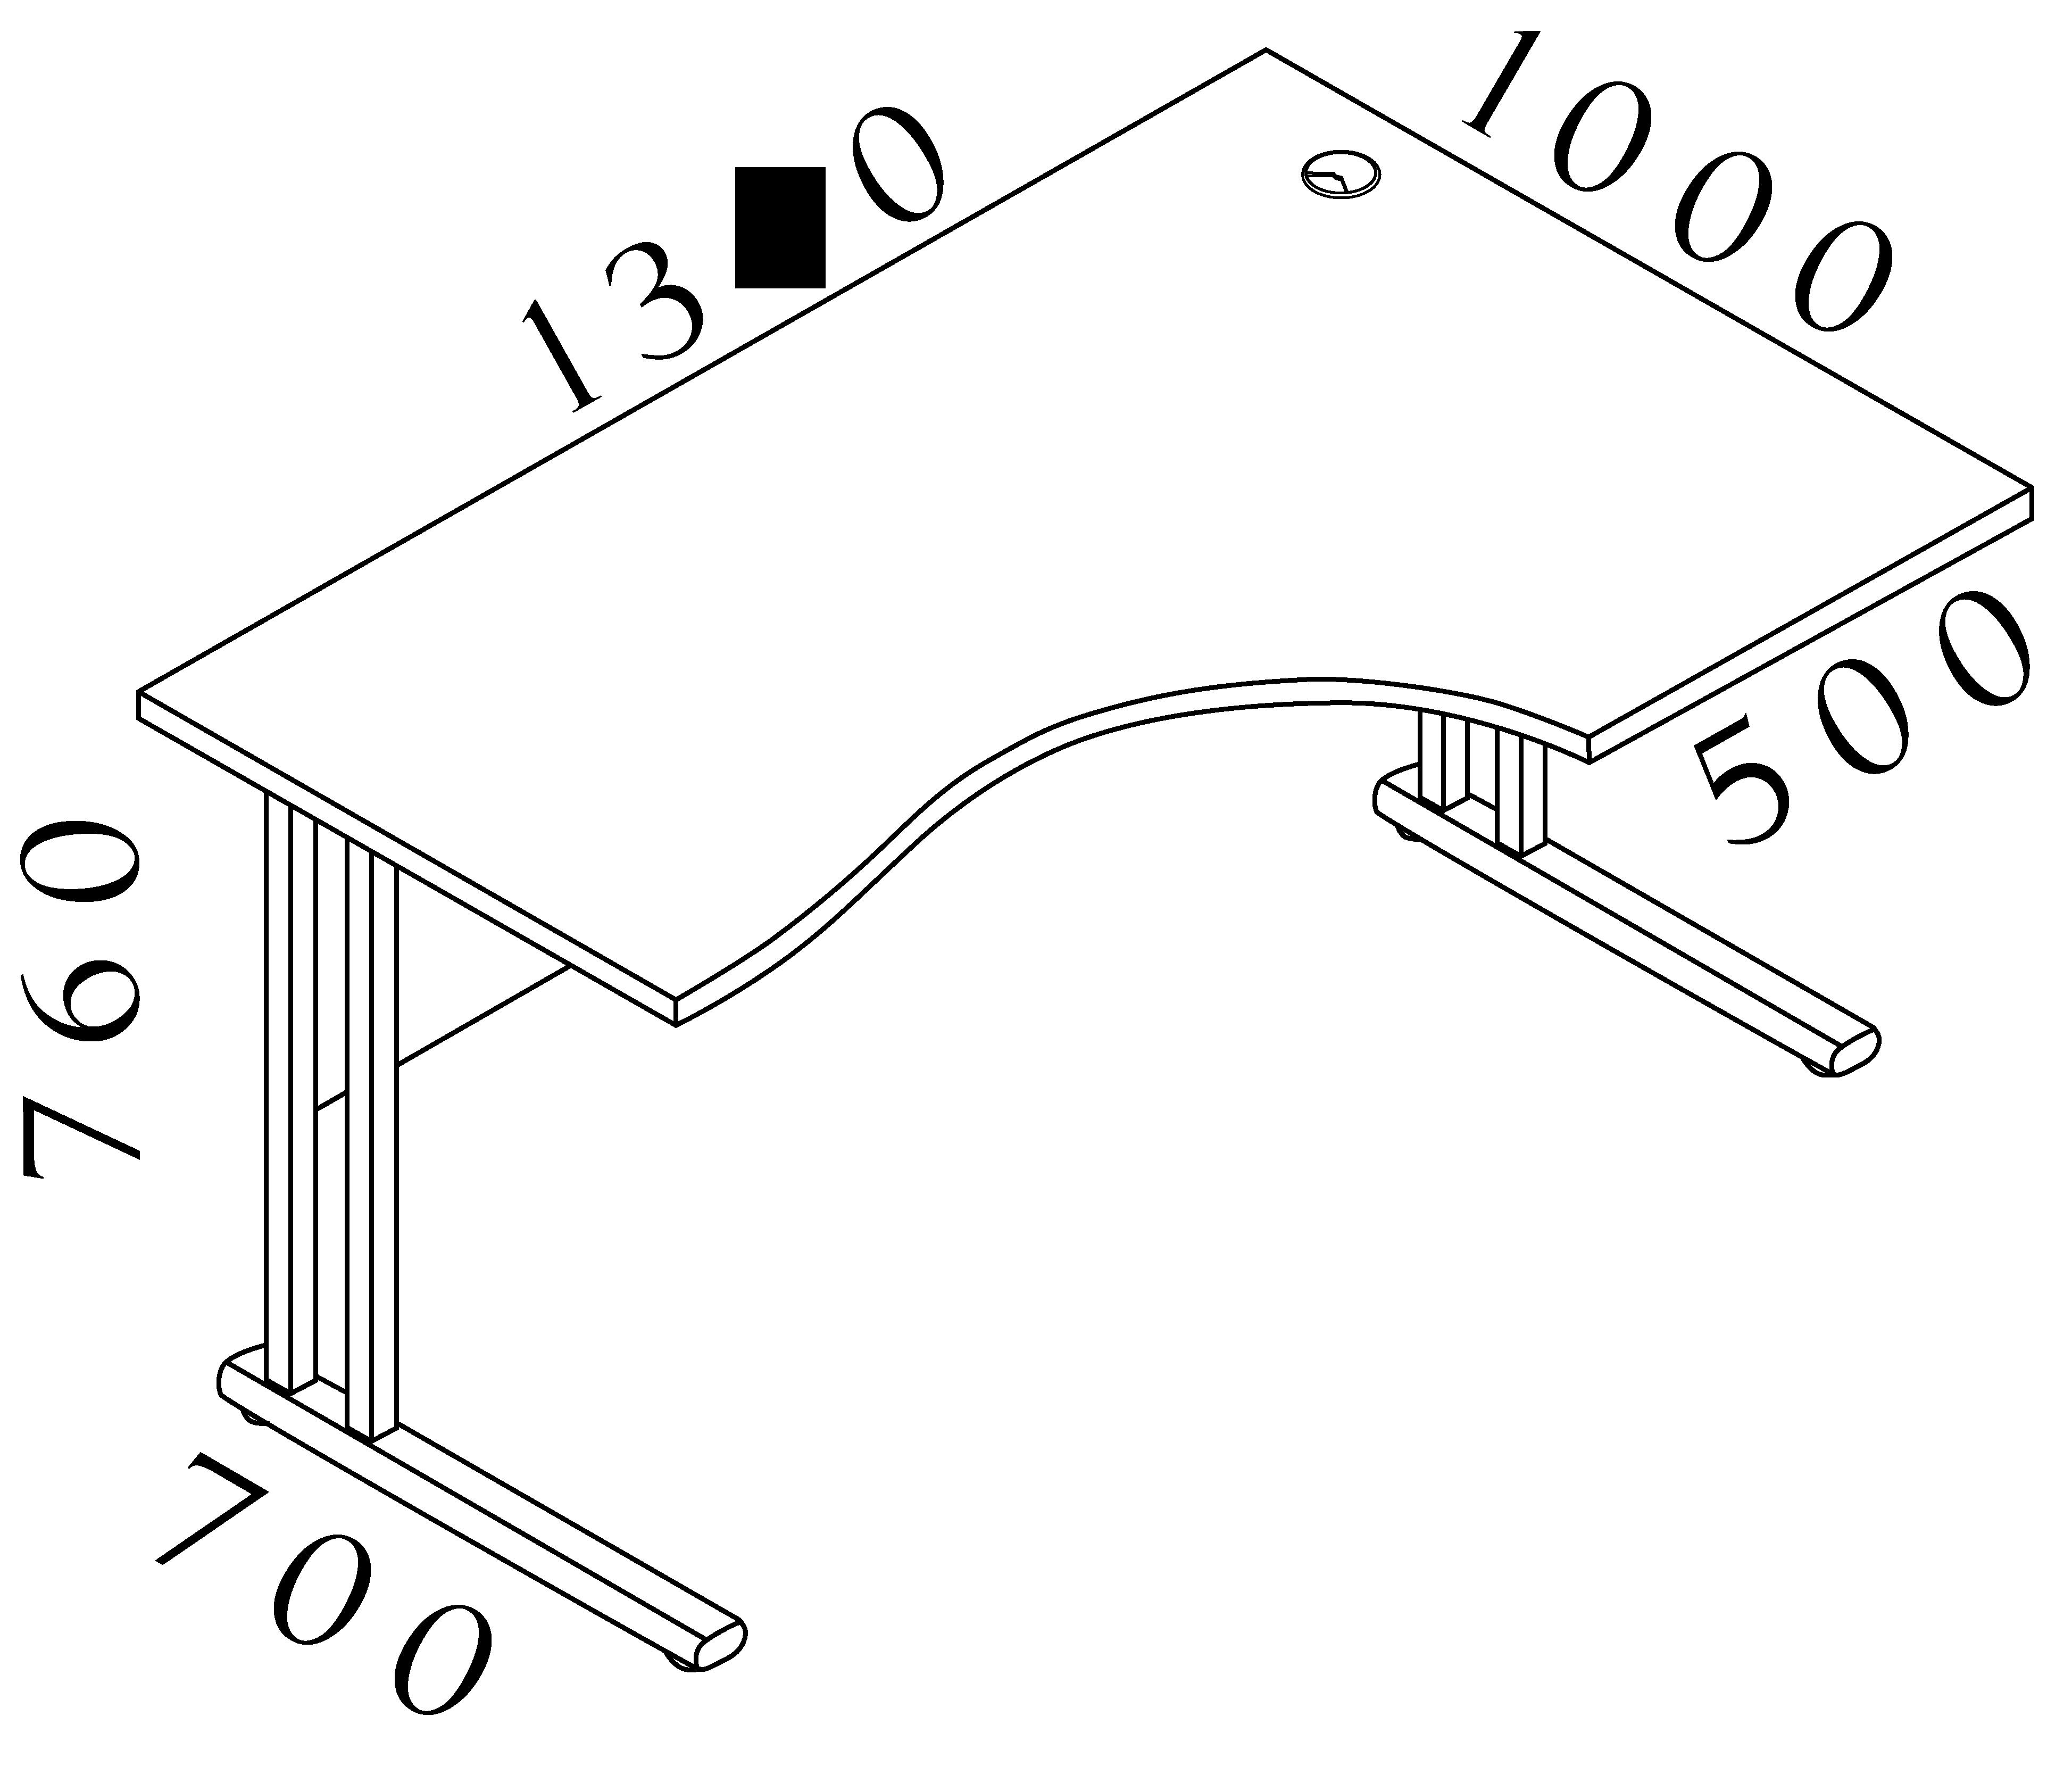 BPR18 19